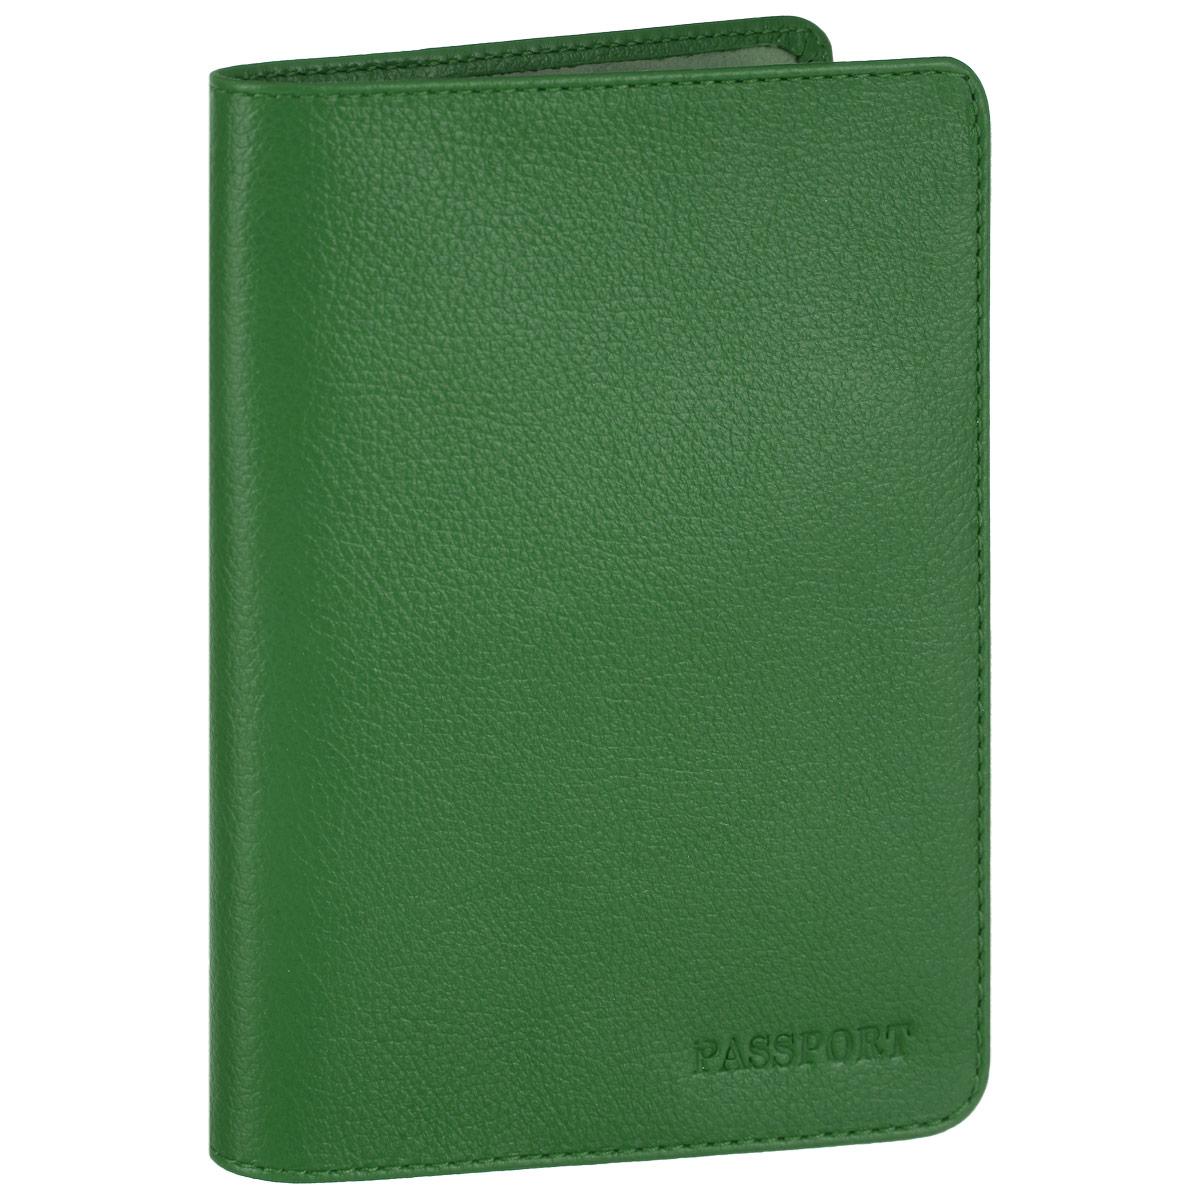 Обложка для паспорта Fabula, цвет: зеленый. O.53.FPO.53.FP. зеленыйСтильная обложка для паспорта Fabula выполнена из натуральной кожи с зернистой текстурой, оформлена надписью Passport. Обложка для паспорта раскладывается пополам, внутри расположены два пластиковых кармашка. Такая обложка для паспорта станет прекрасным и стильным подарком человеку, любящему оригинальные и практичные вещи.